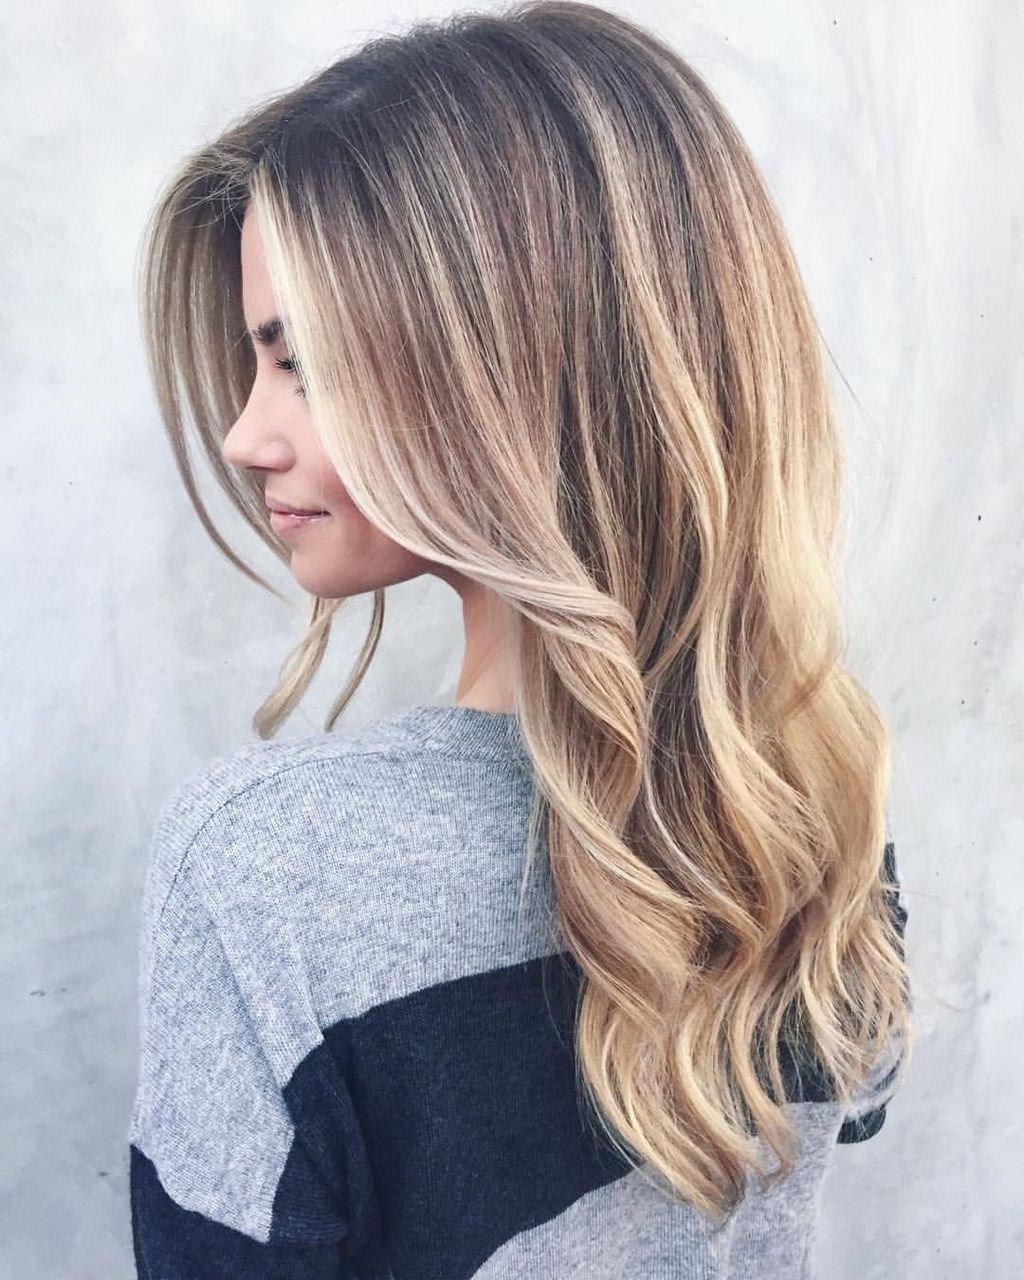 шатун на светло русые волосы фото принято считать одним